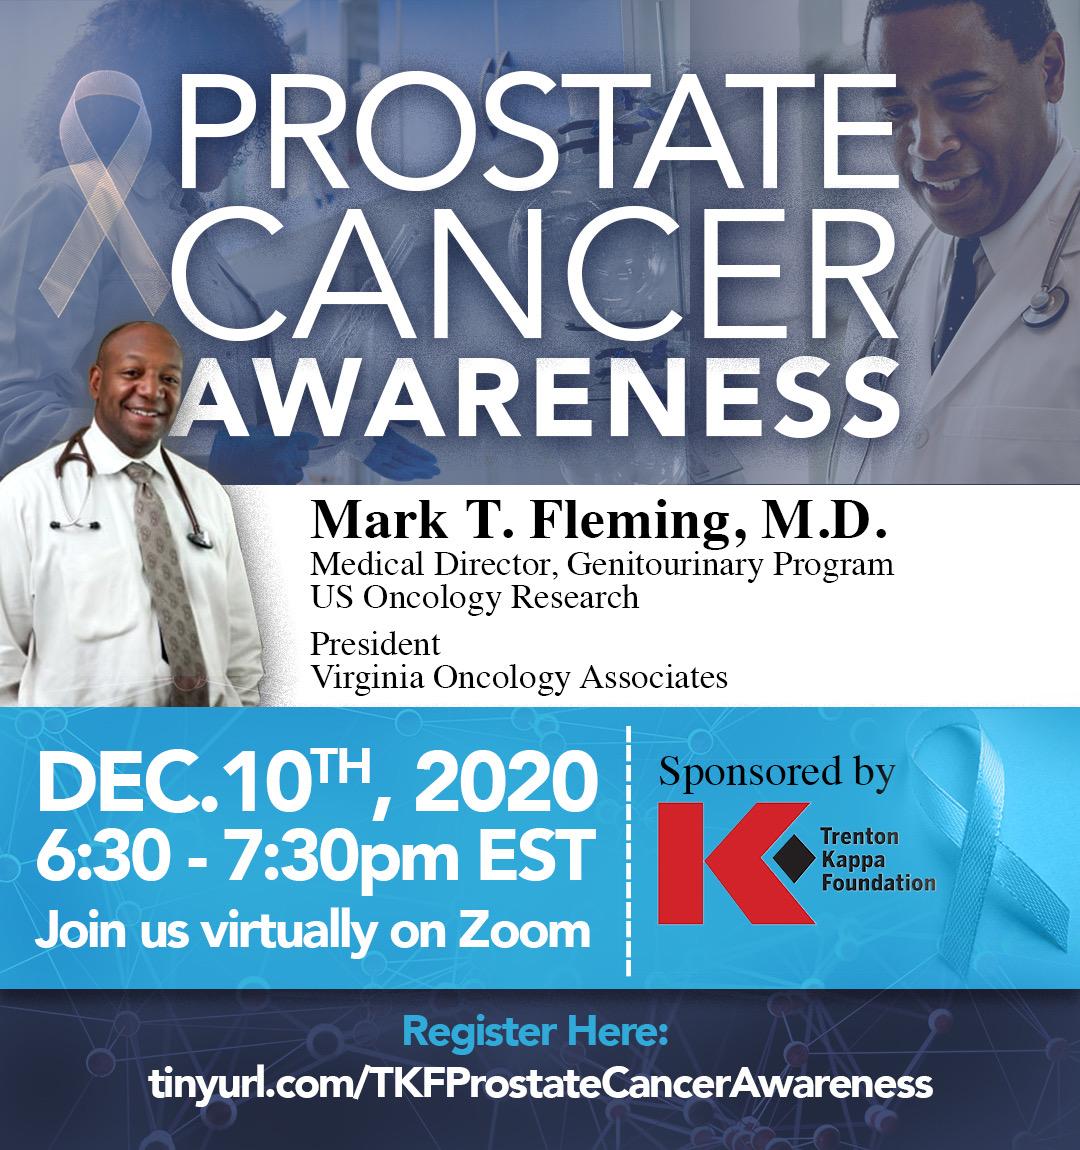 Prostate Cancer Awareness Flier